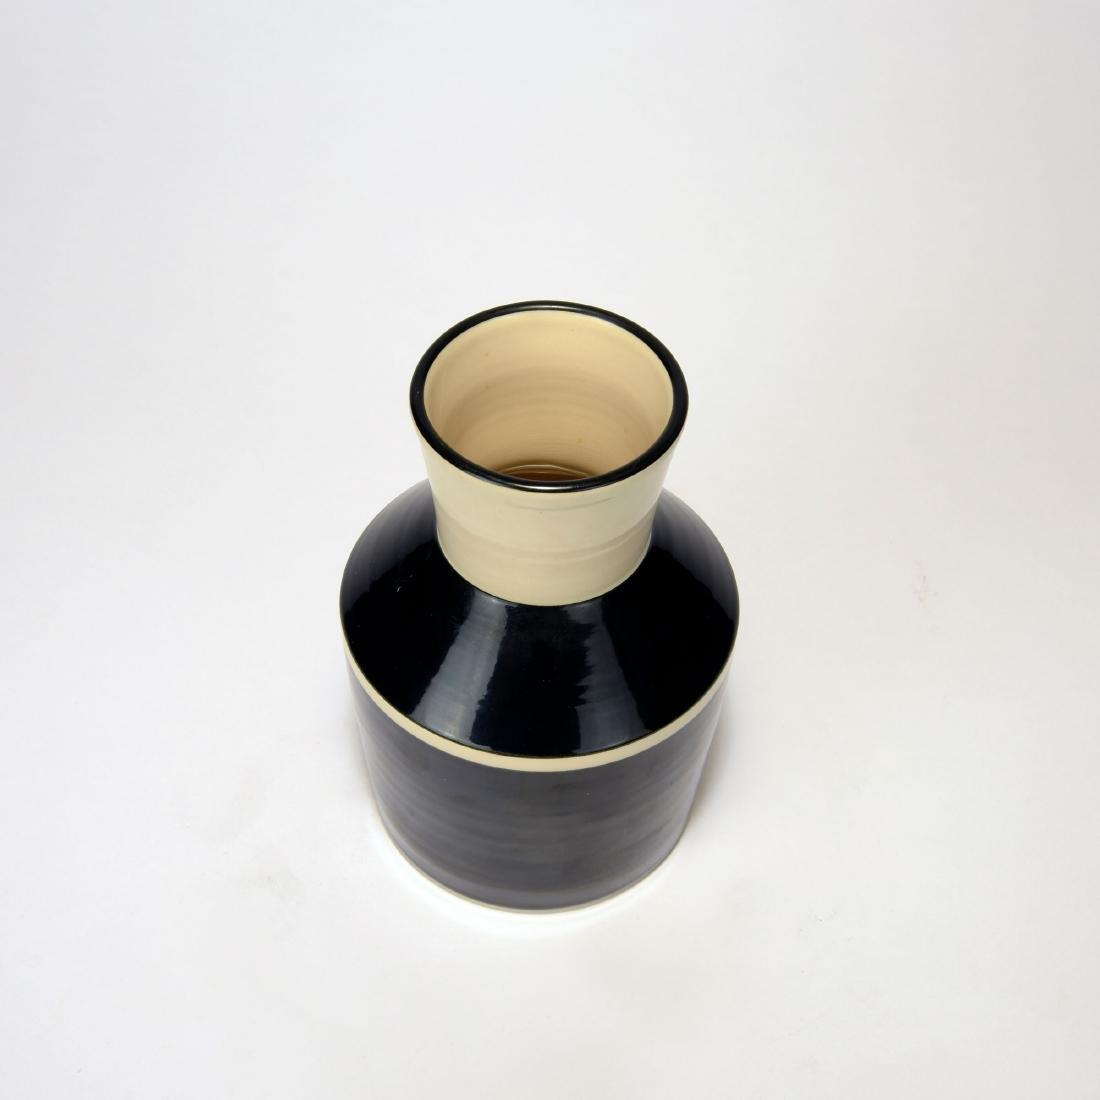 Vase, c. 1960 - 2